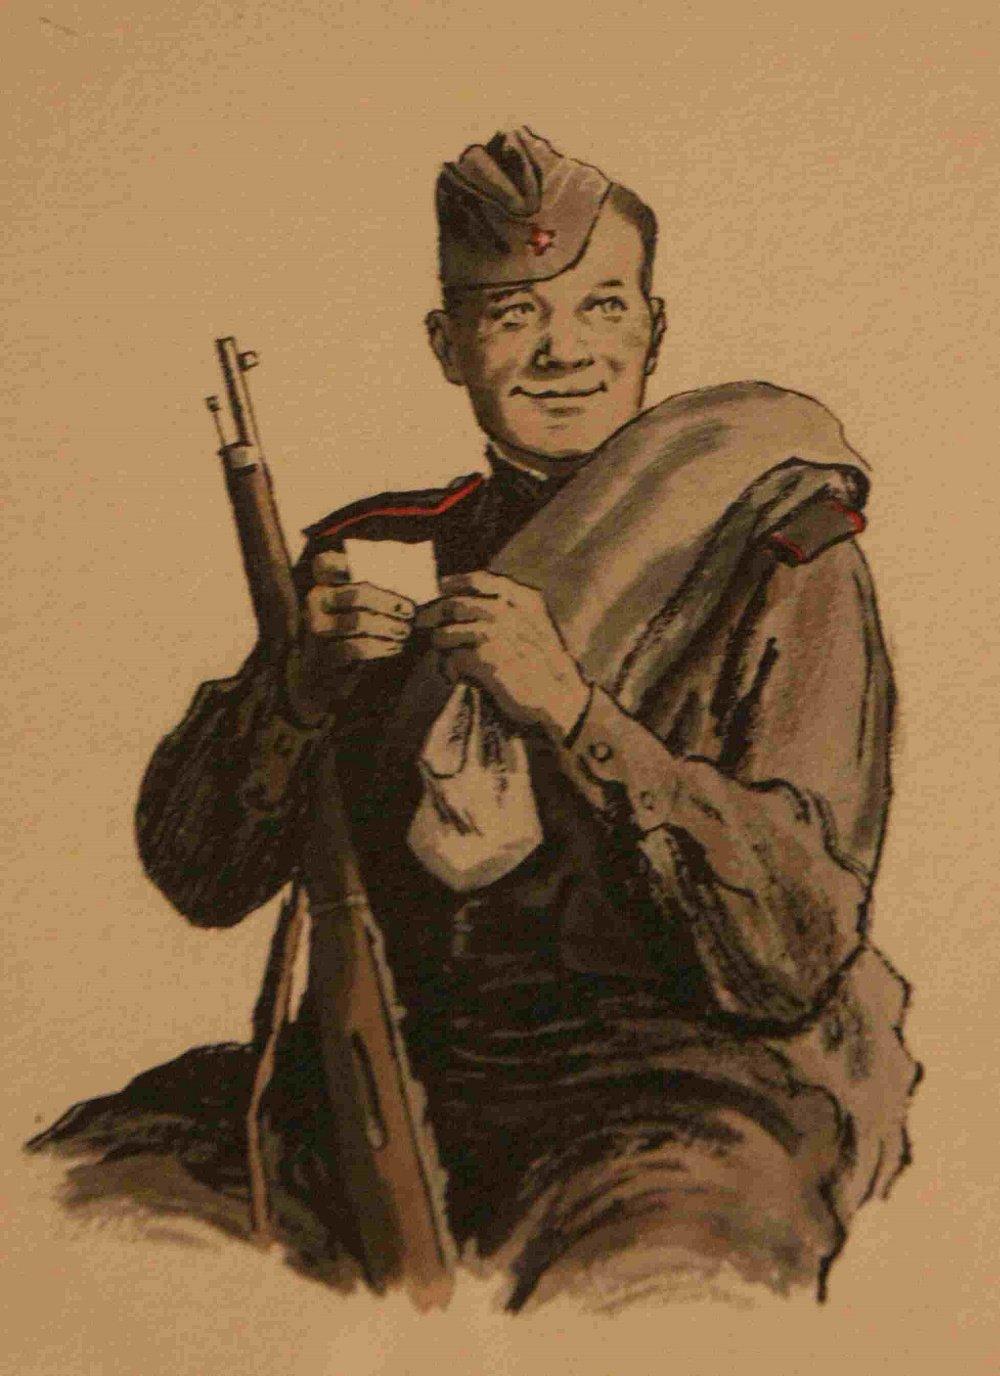 как картинка солдата героя в поэме или навесные потолки